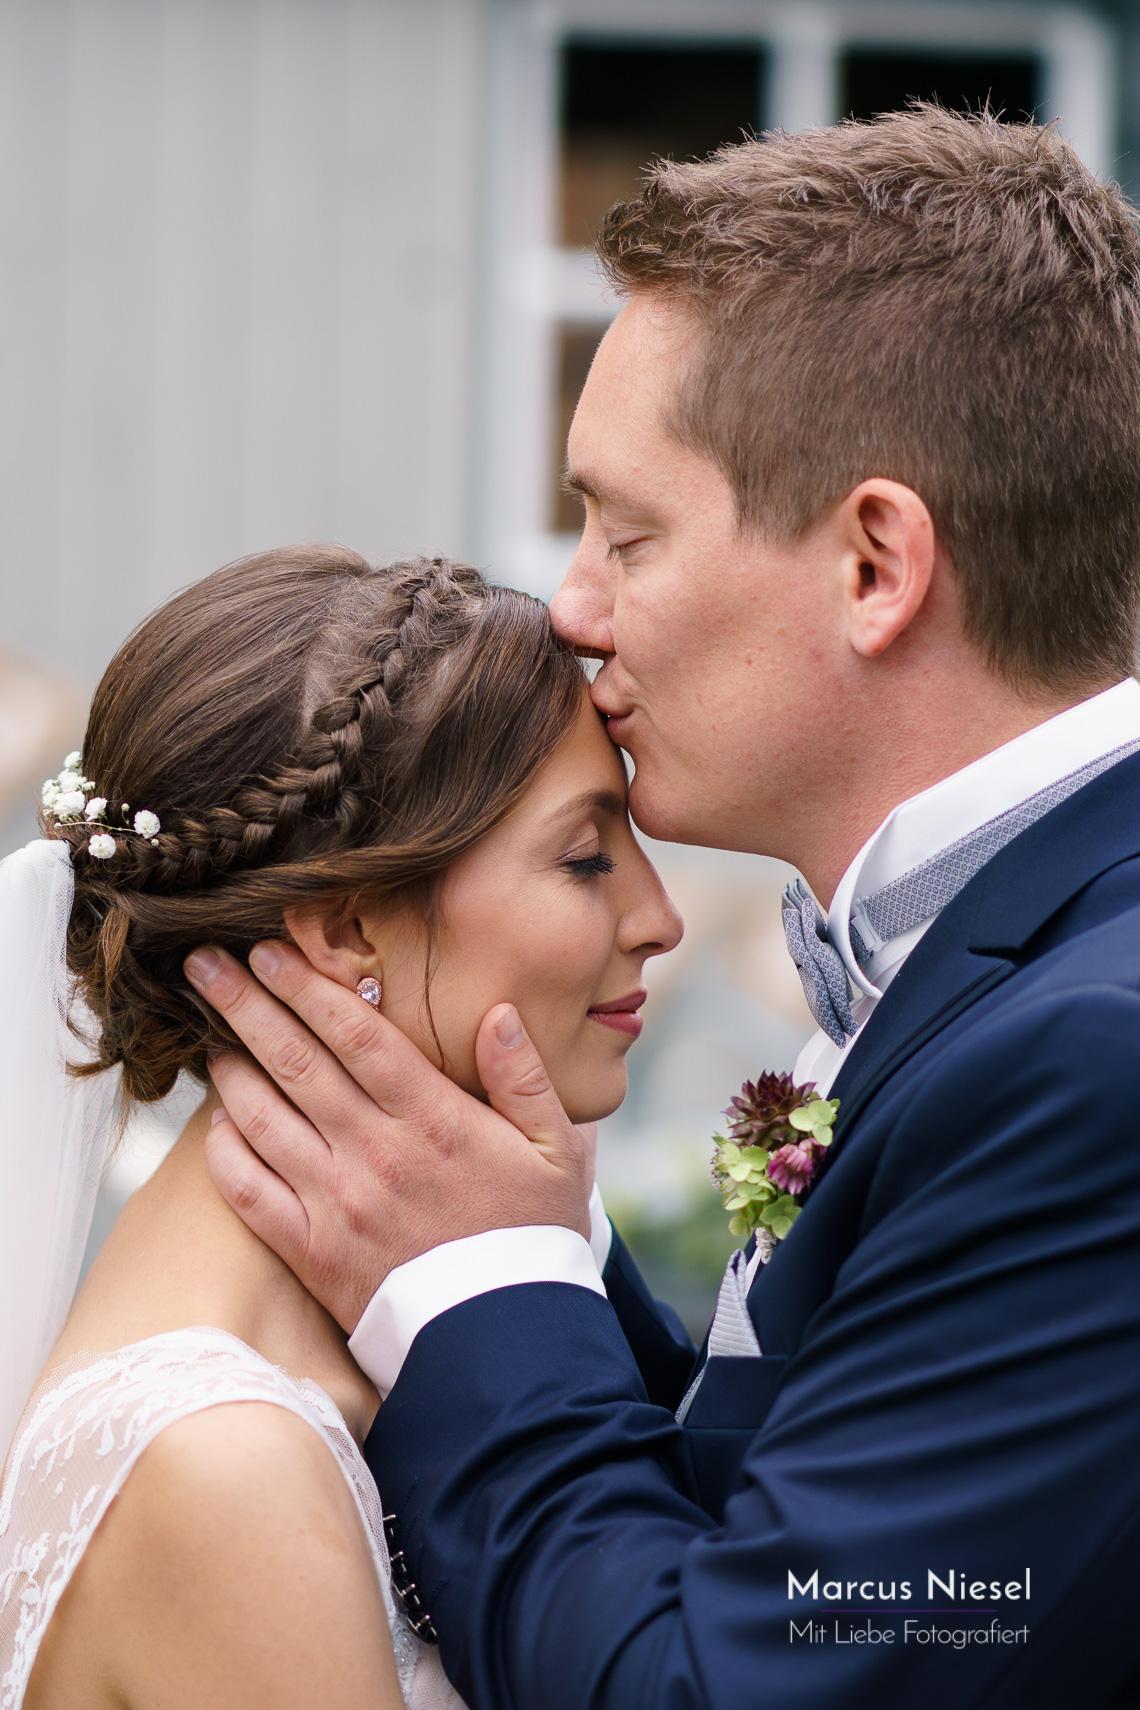 Inniger Kuss auf die Stirn. Hochzeitsfotograf Marcus Niesel fotografiert in Ettenheim.